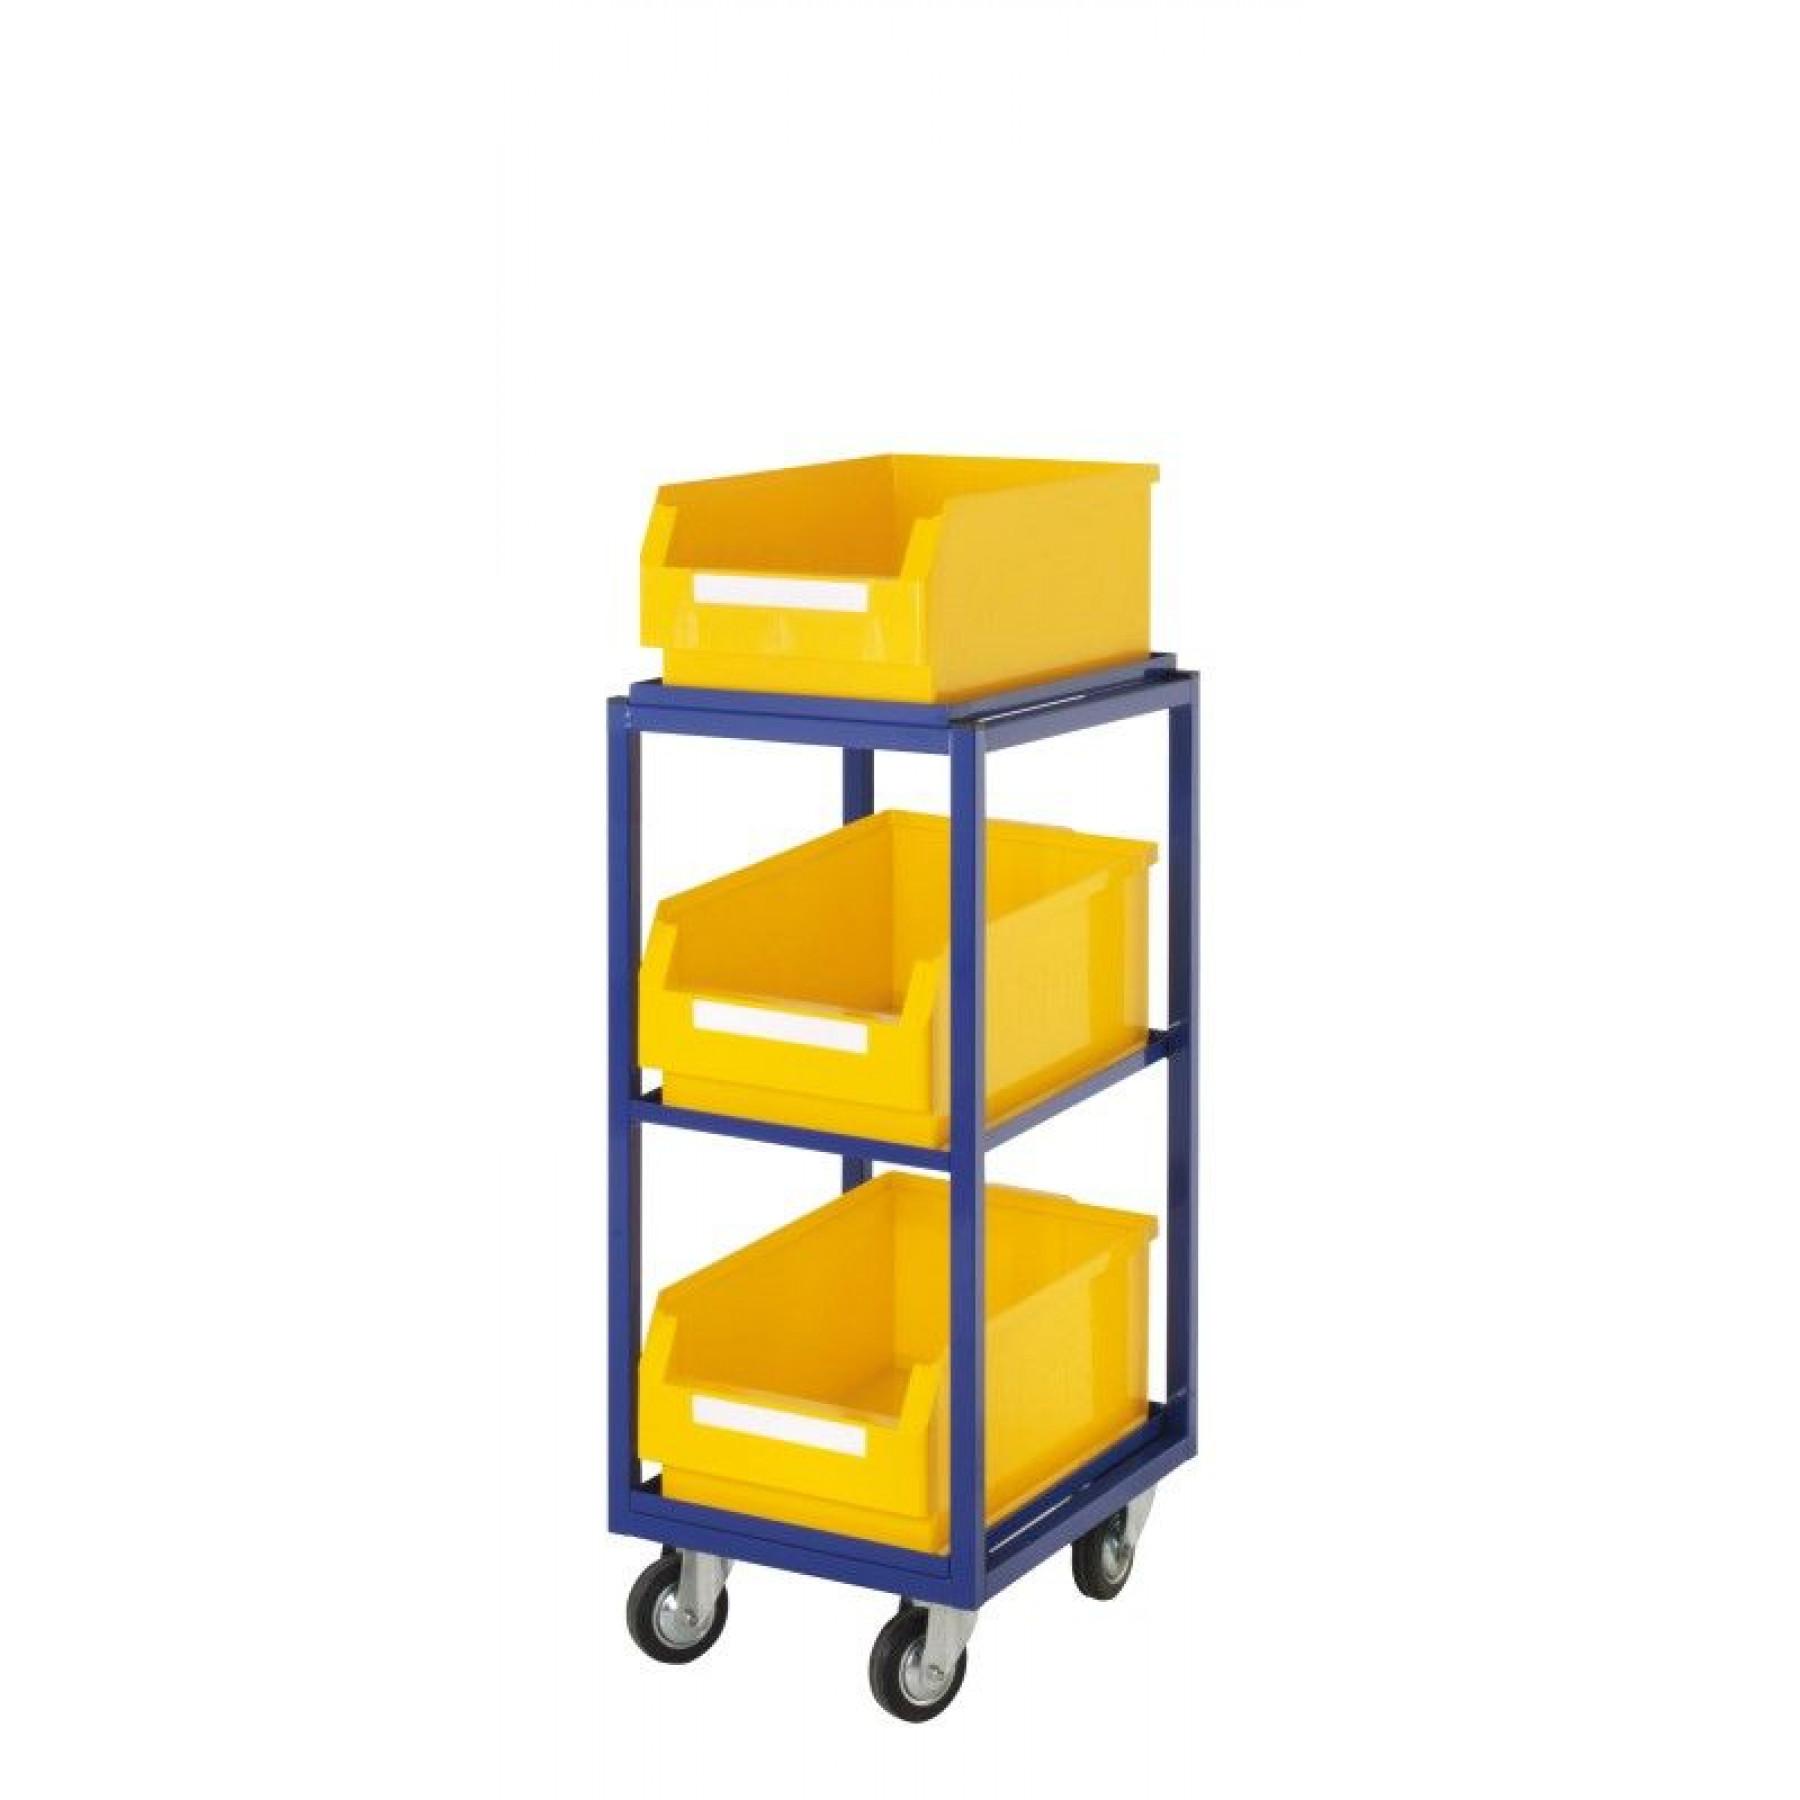 ®RasterPlan orderpickwagen met 3 rechte legborden en 3 magazijnbakken, 7708.02.0121